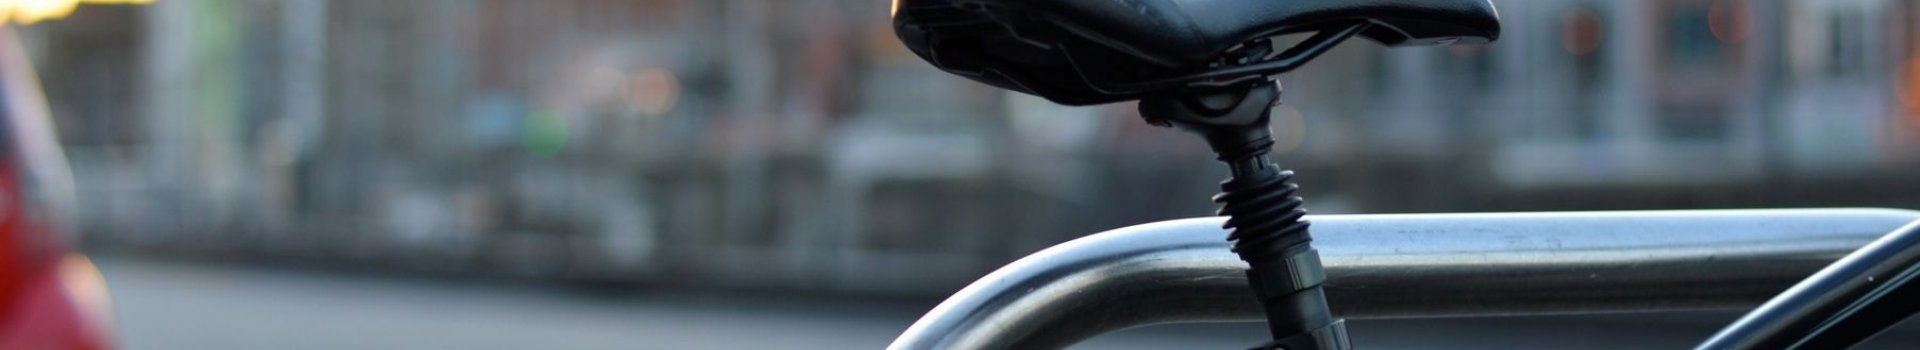 Jak najwygodniej przemierzać szlaki rowerowe? Dobieramy najwygodniejsze siodełka